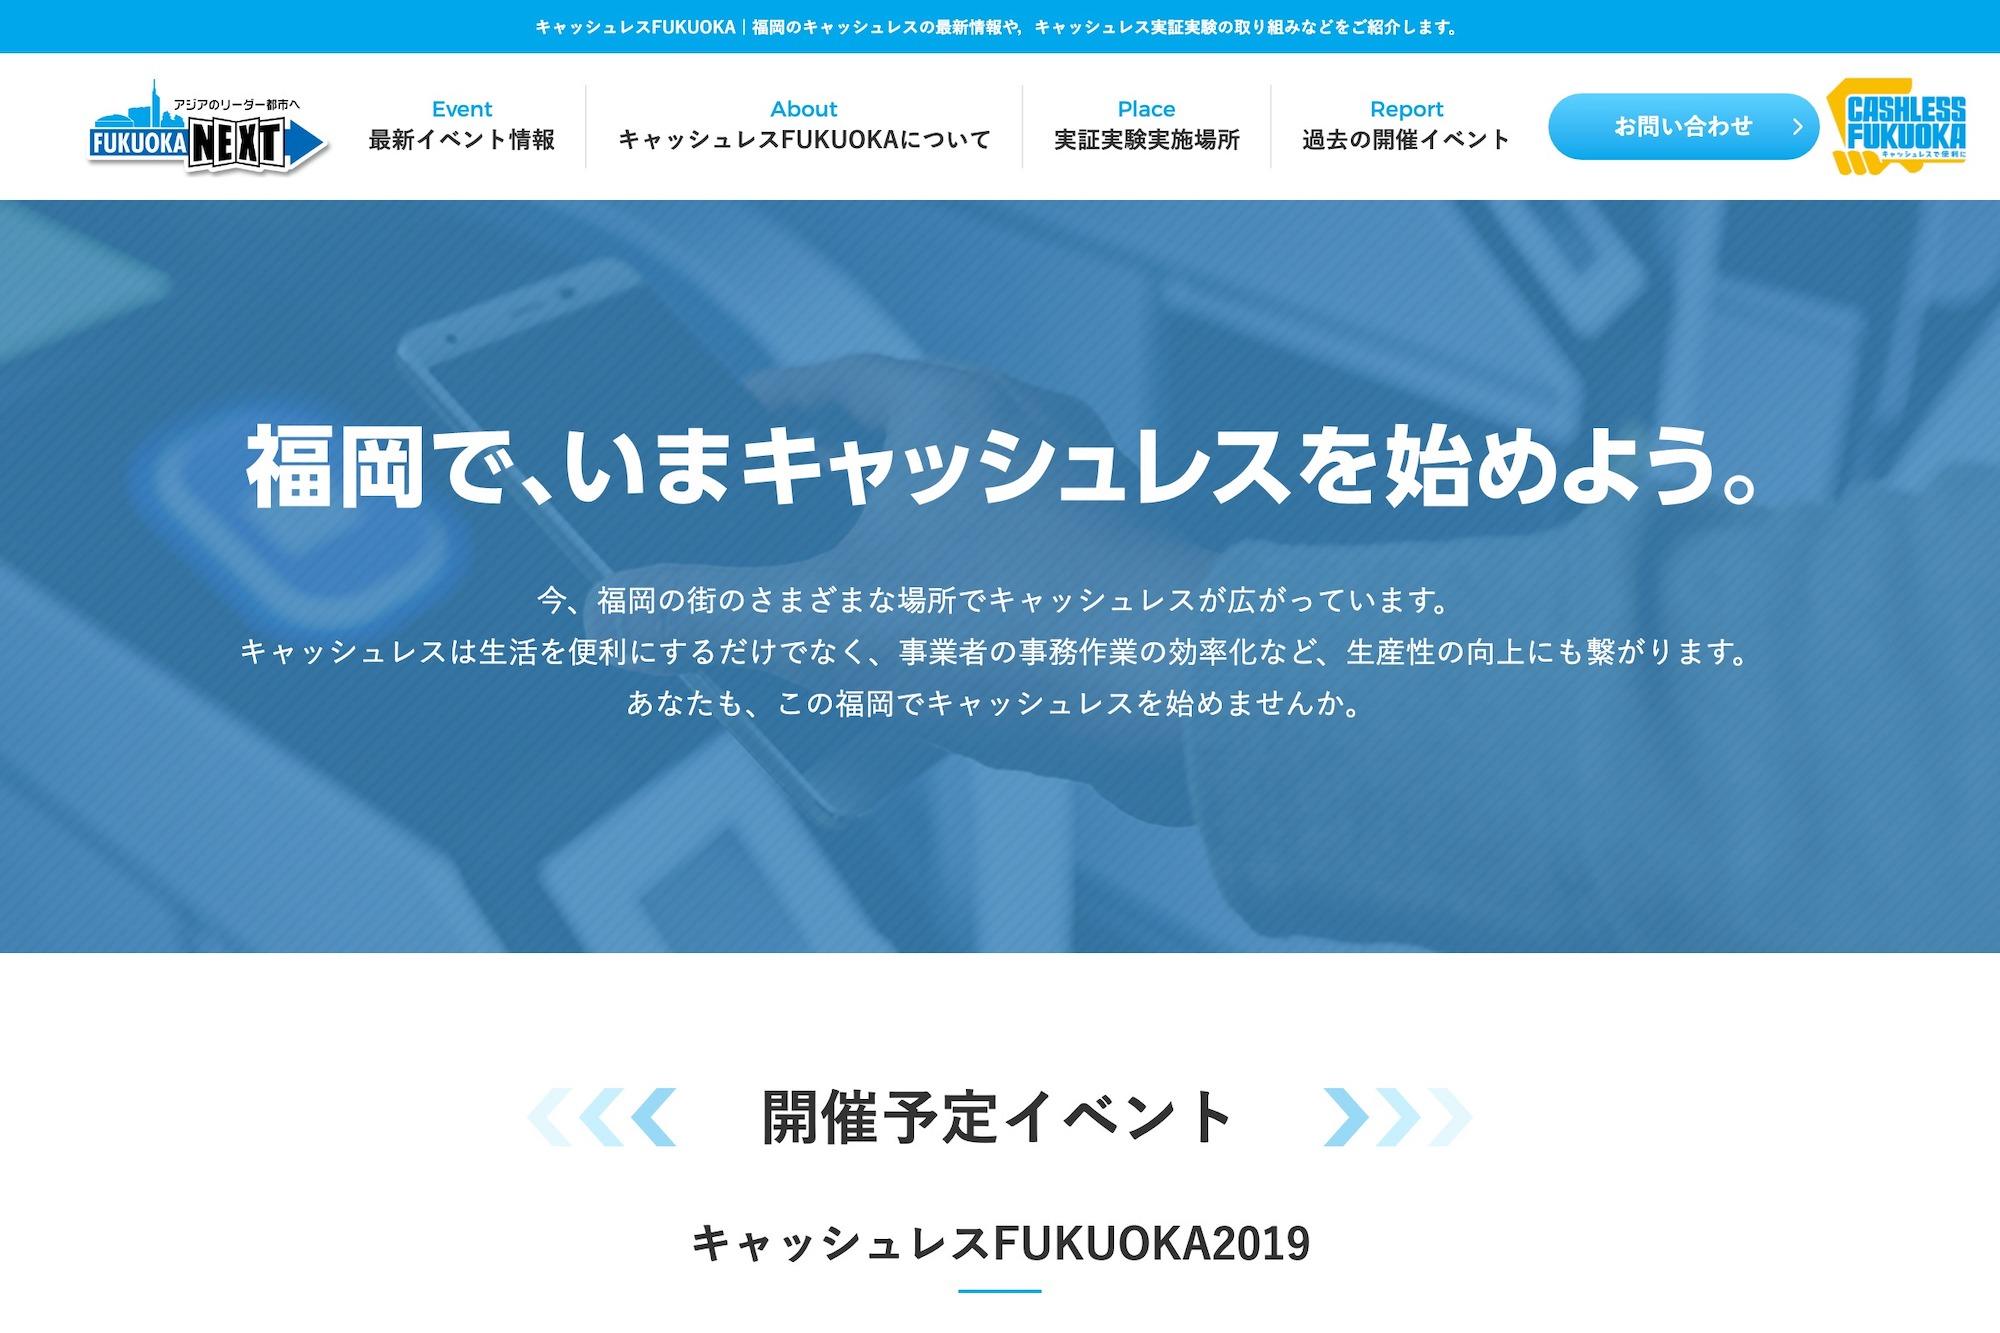 キャッシュレスFUKUOKA実行委員会のパソコン表示